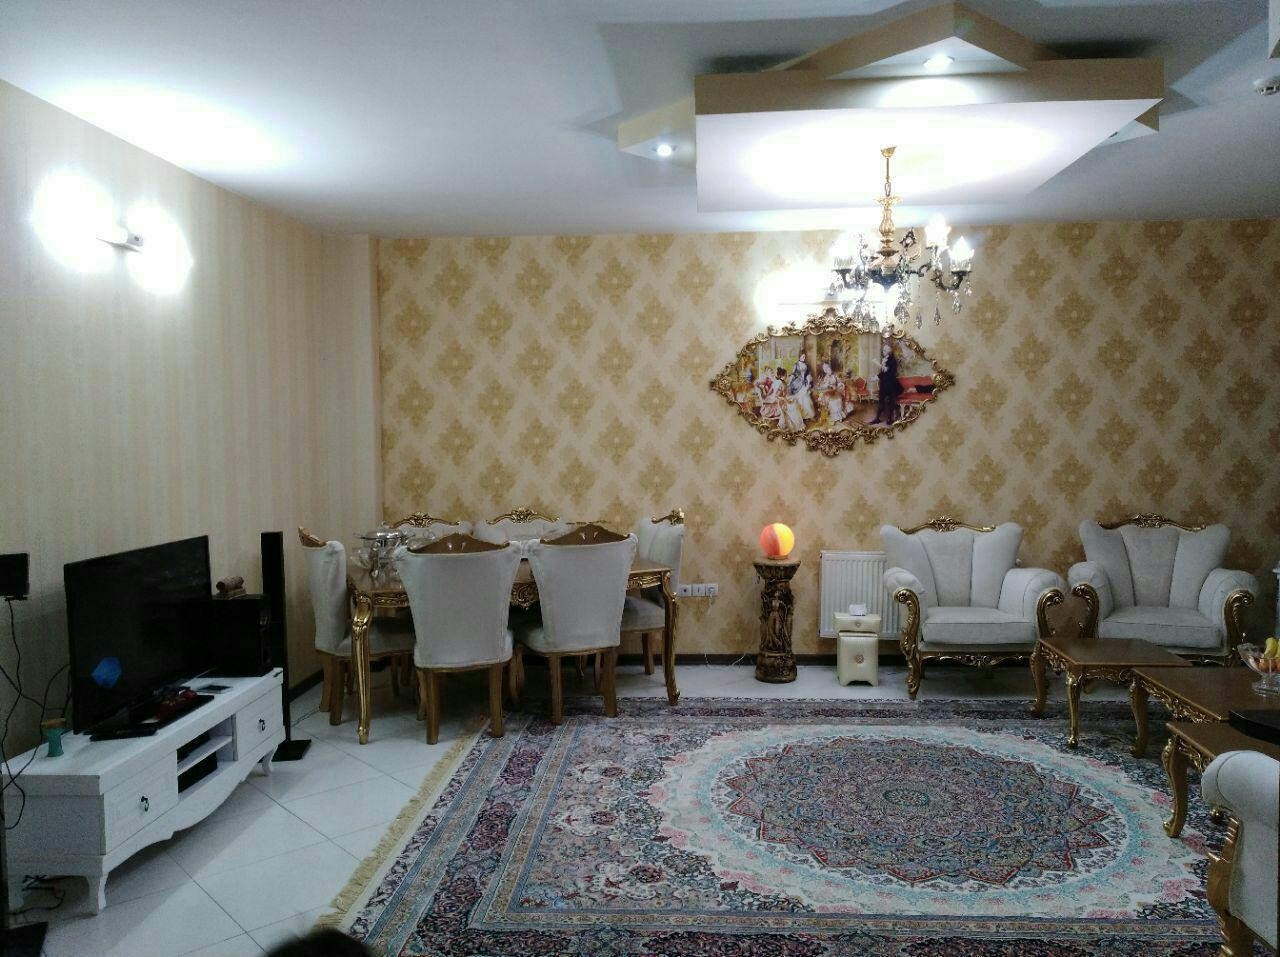 شهری سوئیت مبله شیک در مشهد